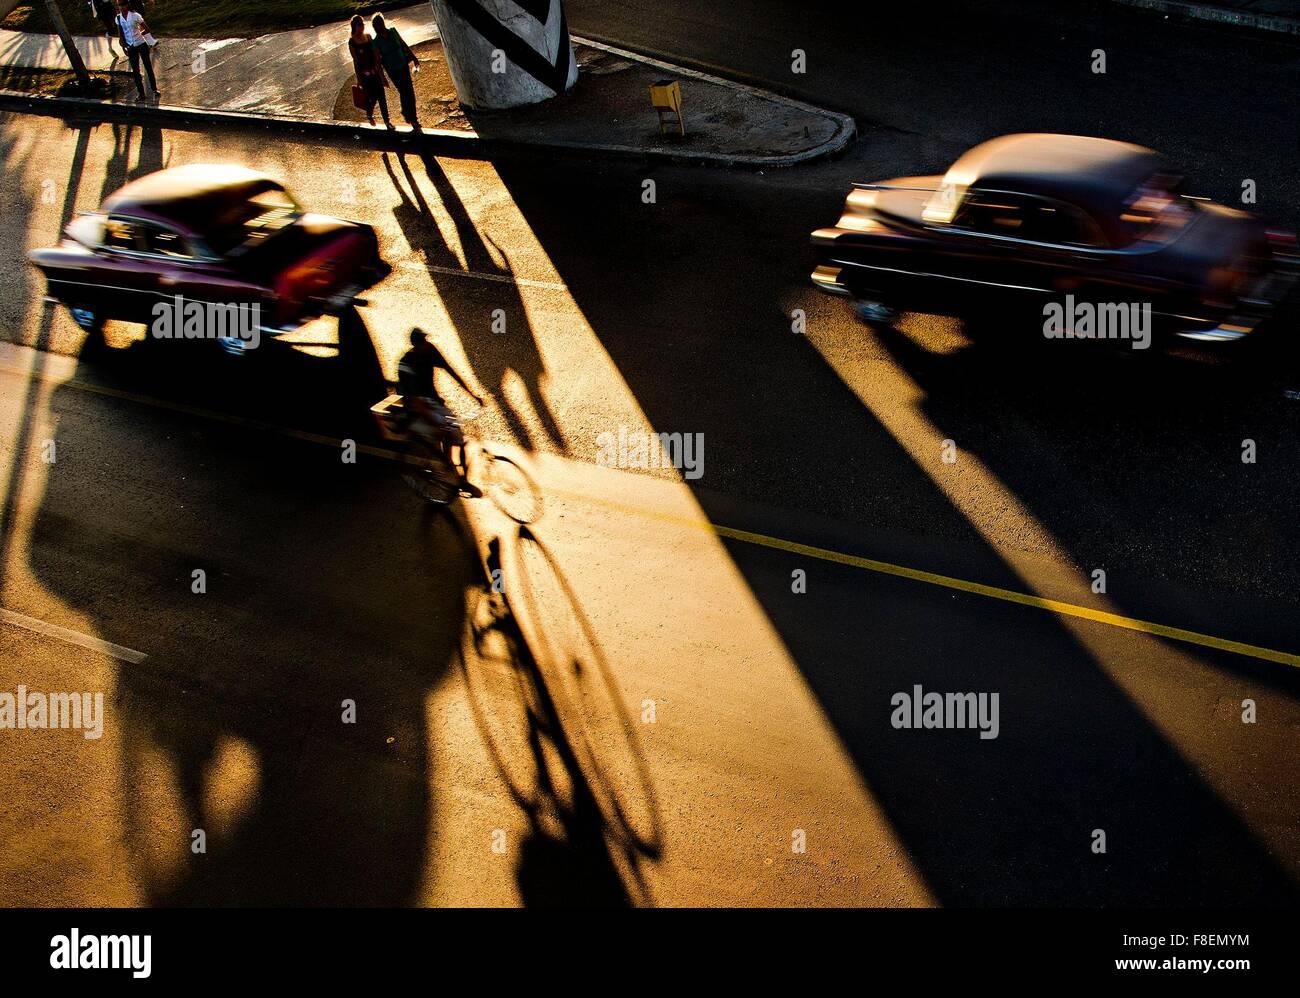 La Habana, Cuba. 26 Feb, 2015. Miles de veteranos estadounidenses van los coches por las calles de La Habana, Cuba, Imagen De Stock